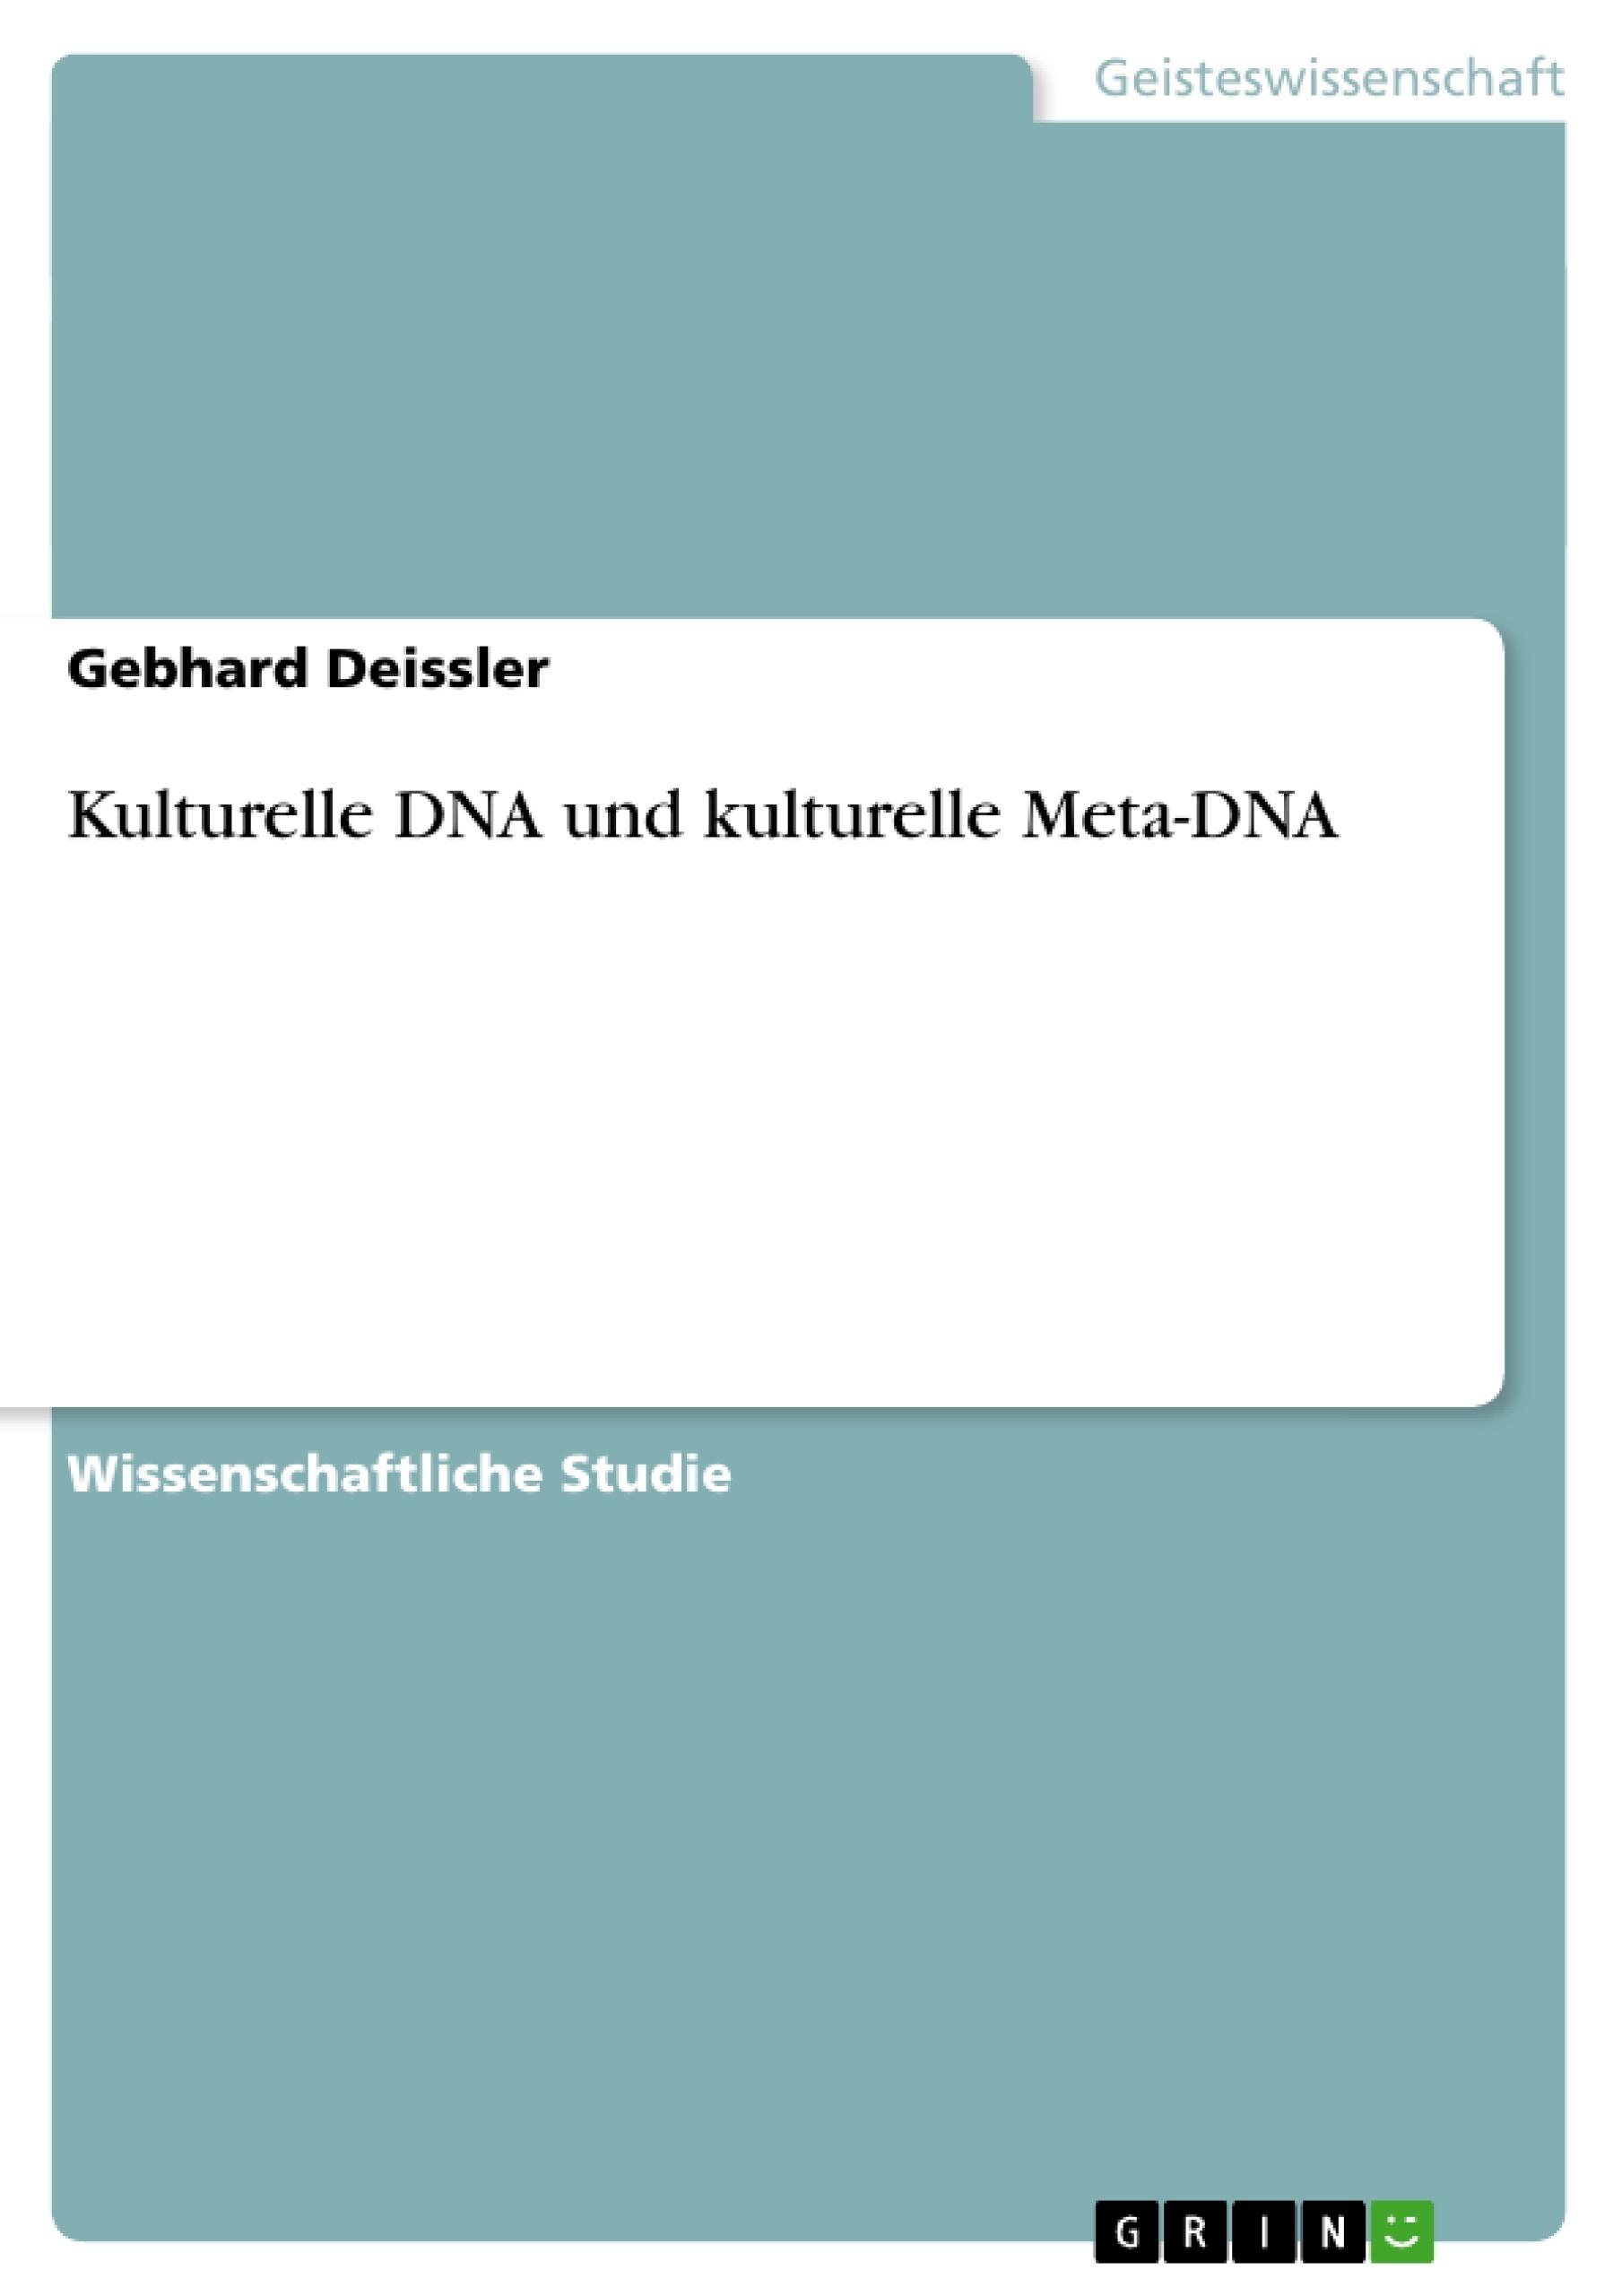 Titel: Kulturelle DNA und kulturelle Meta-DNA